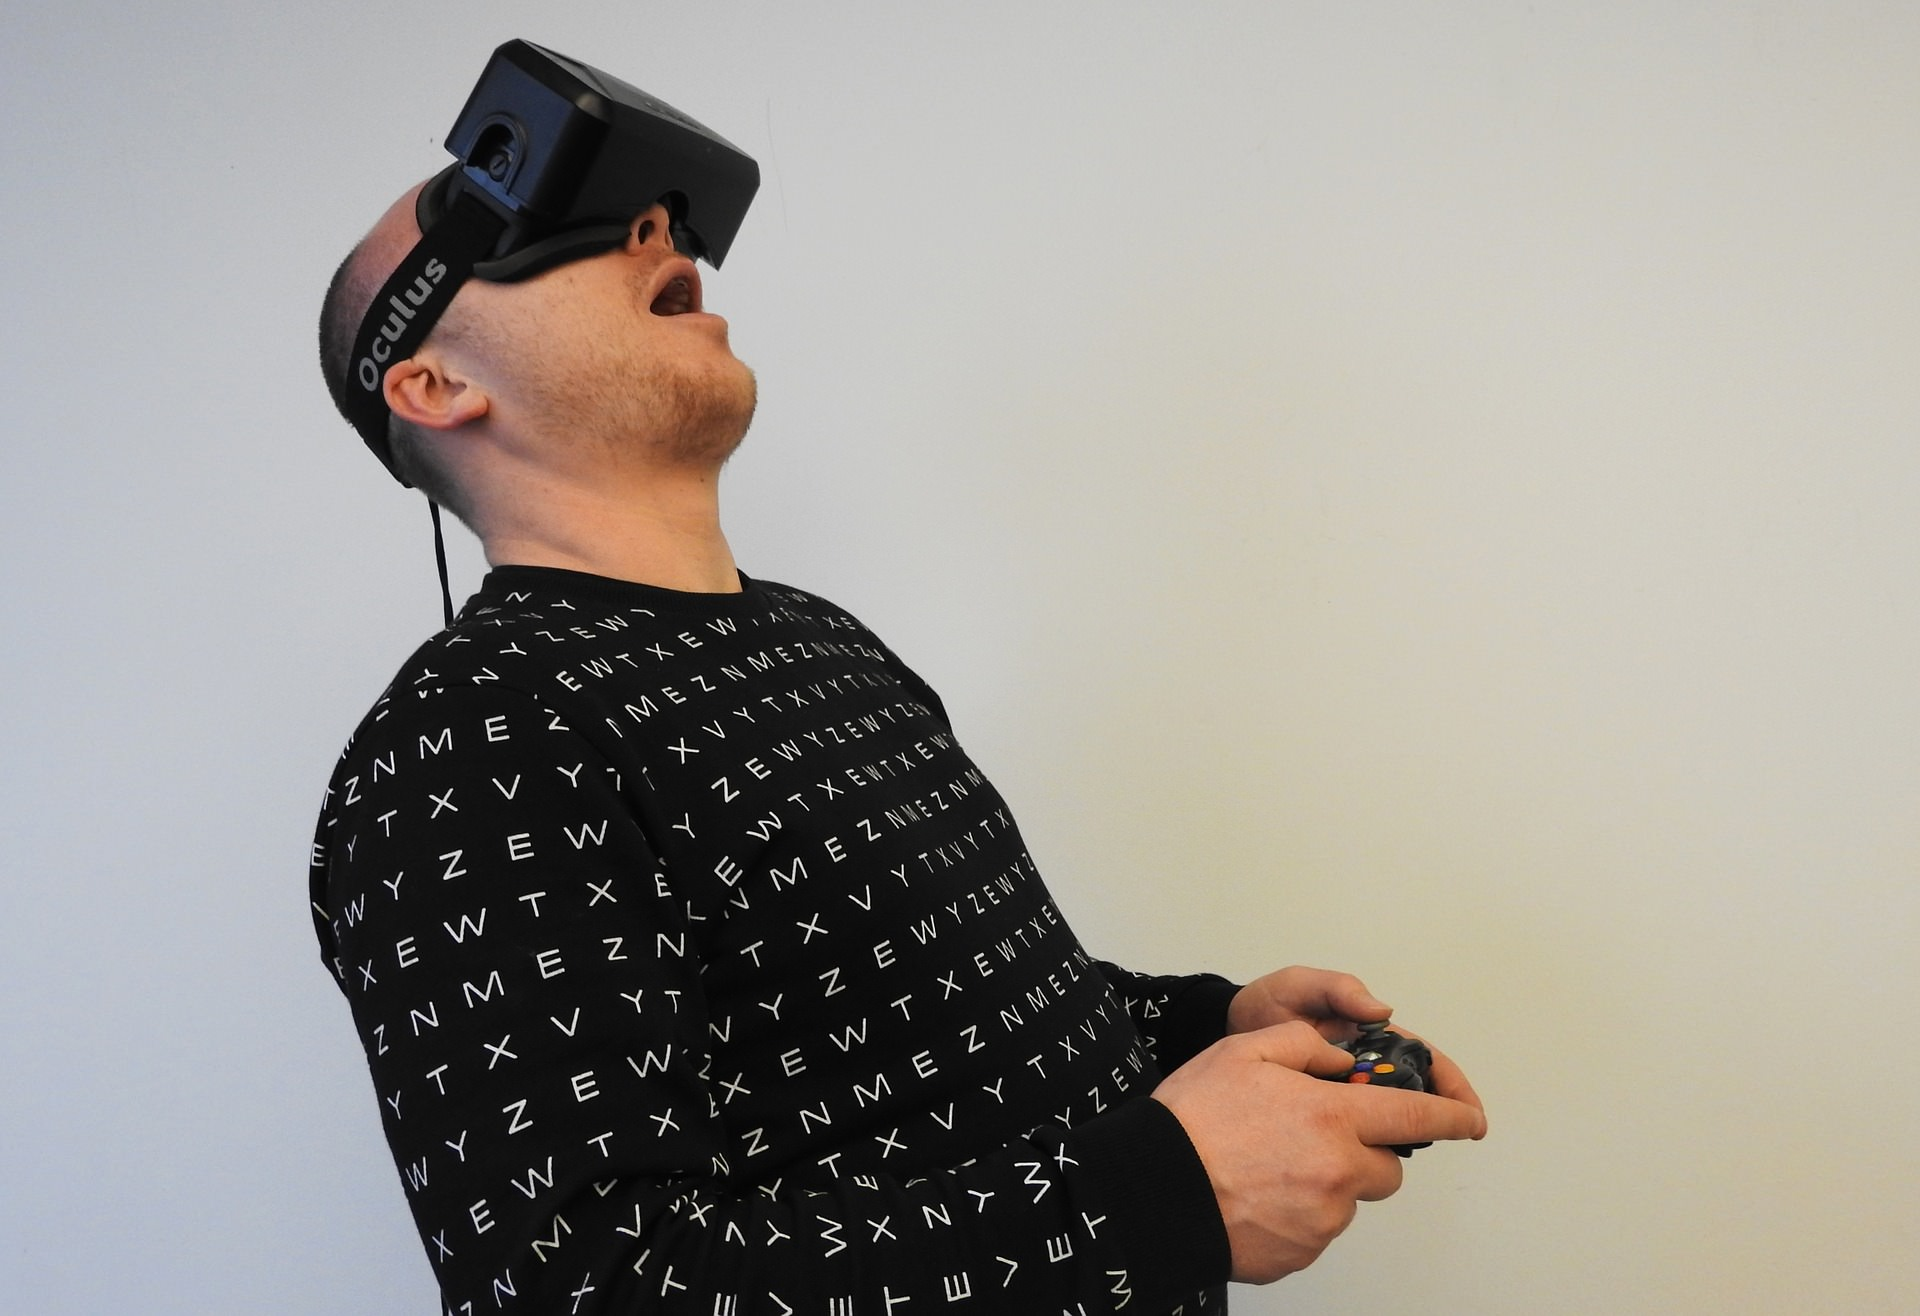 VR開発の手順と流れ(開発費や開発言語)・個人でも開発可能?のサムネイル画像